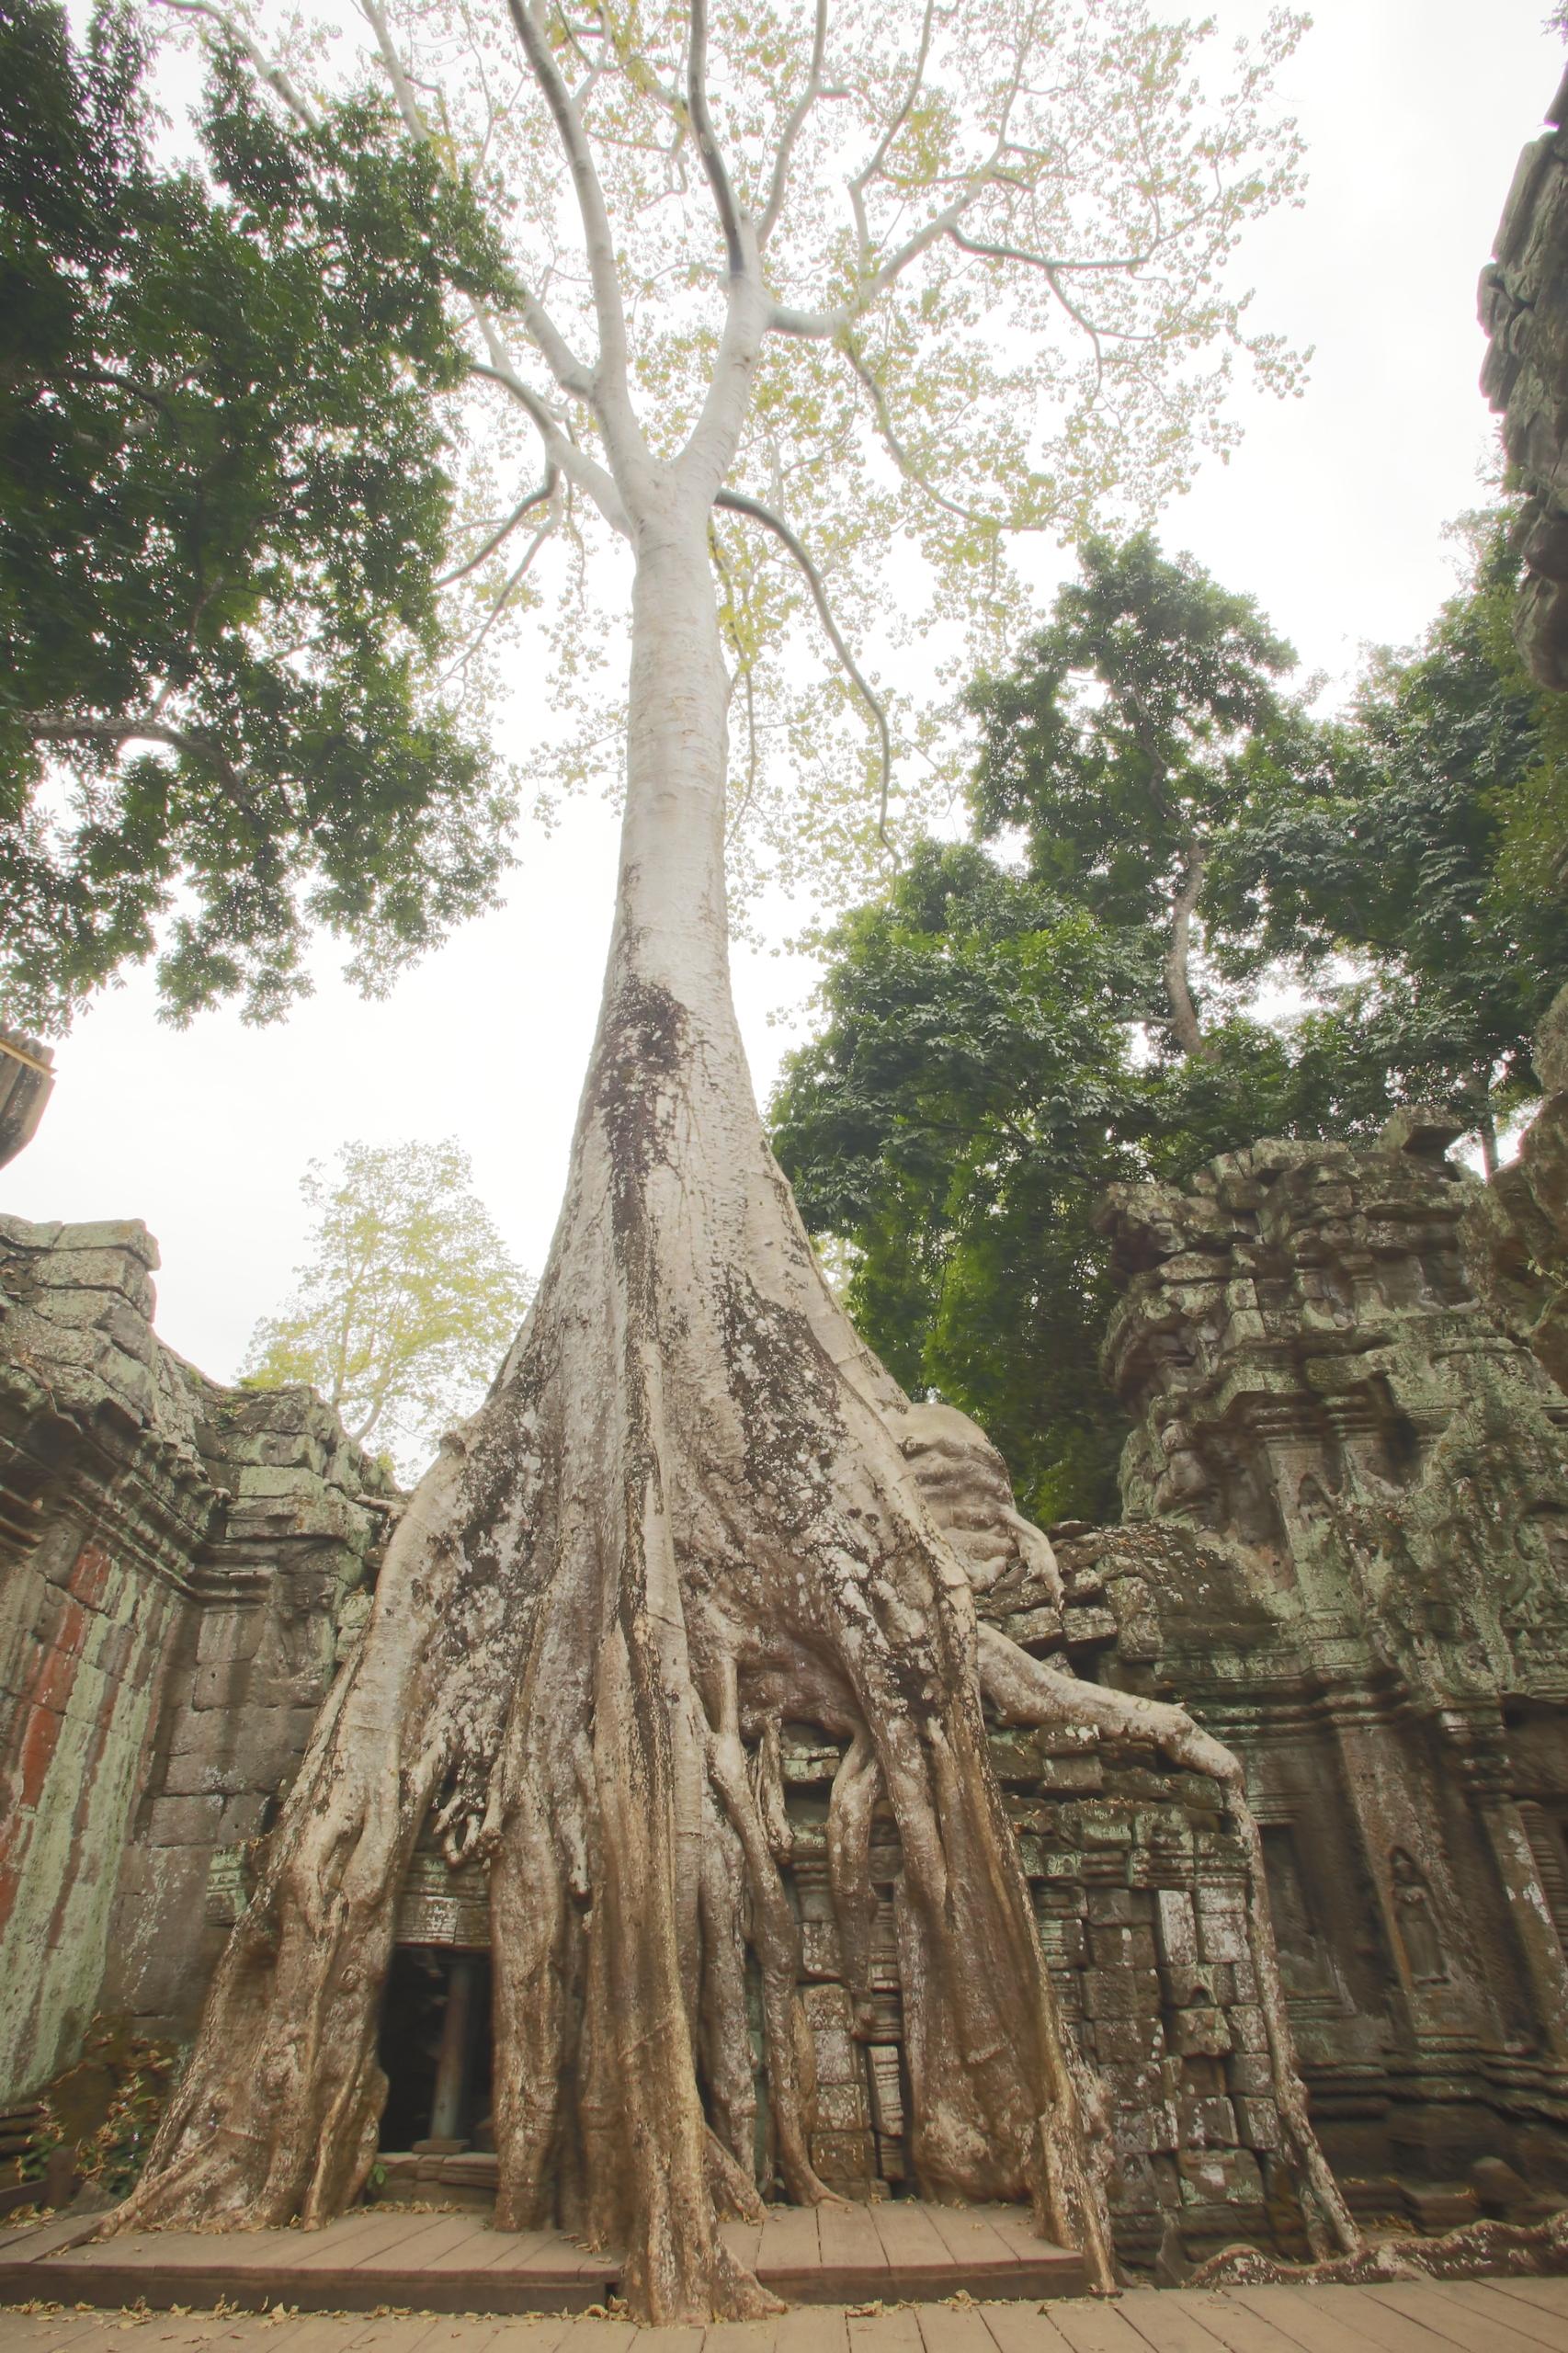 angkor wat 1 by - photo #20